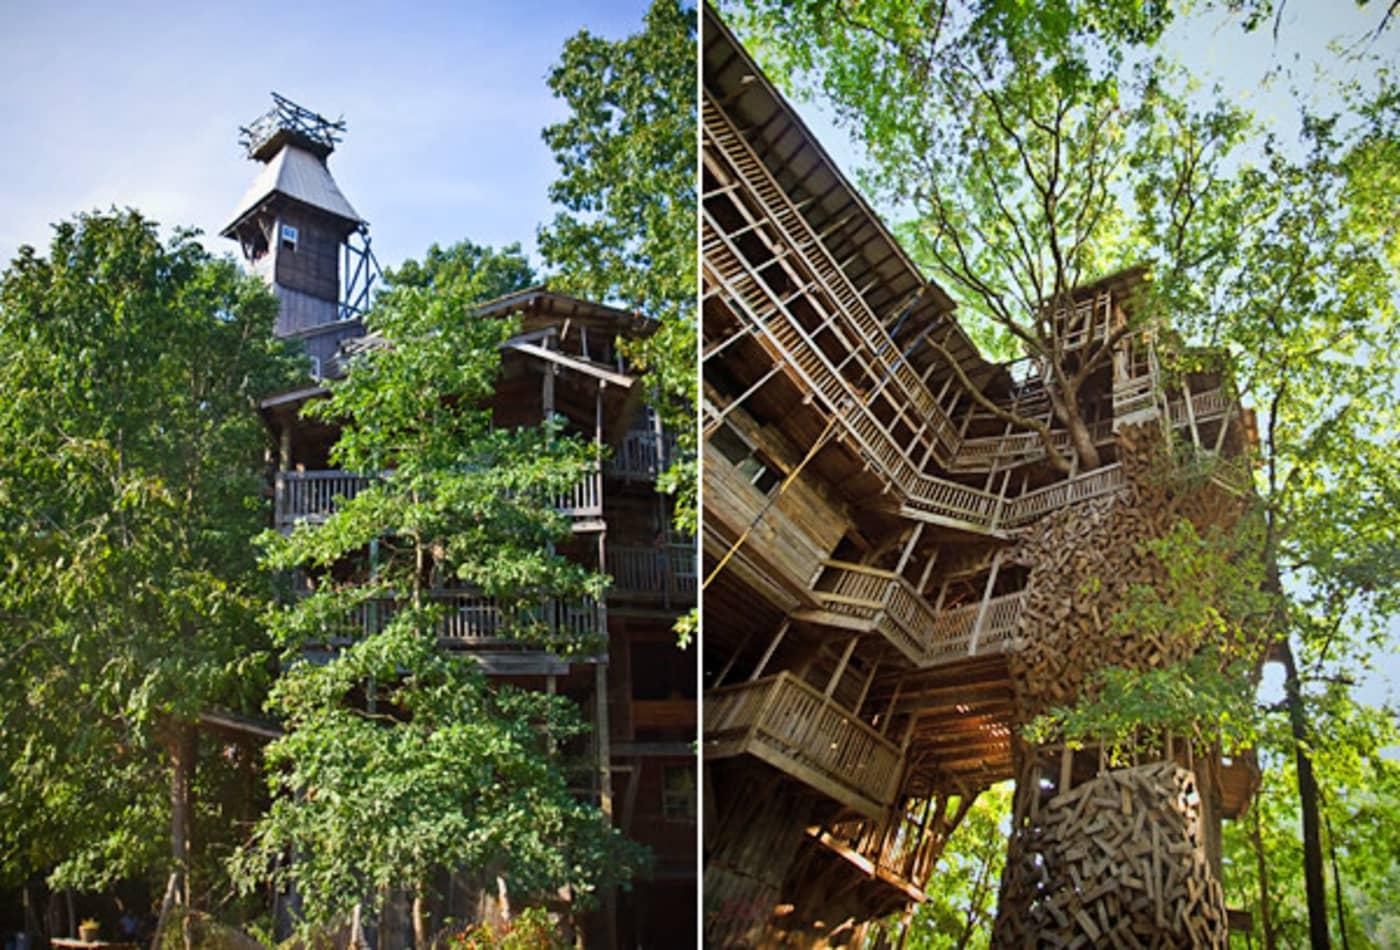 Treehouse_Homes_Crossville.jpg